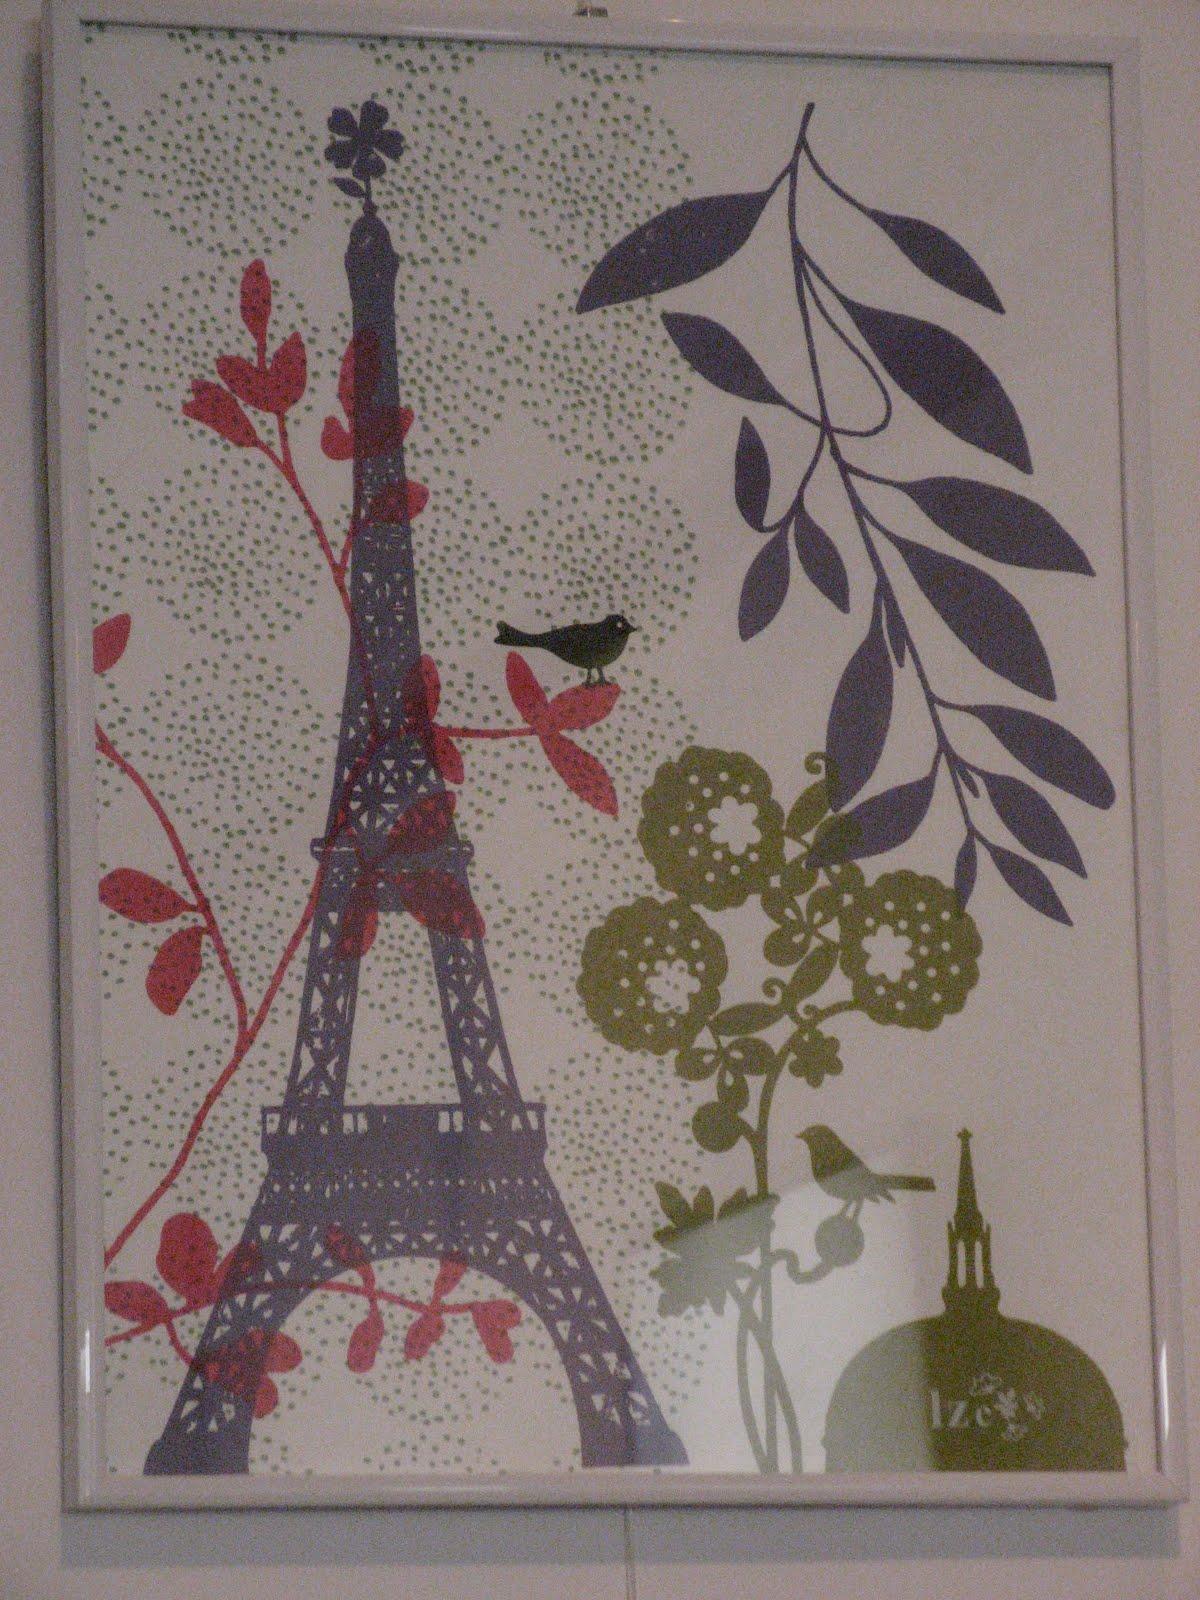 #66453E Déco Les Incontournables De Flo: DECO La Tour Eiffel Dans  6073 decoration de noel tour eiffel 1200x1600 px @ aertt.com